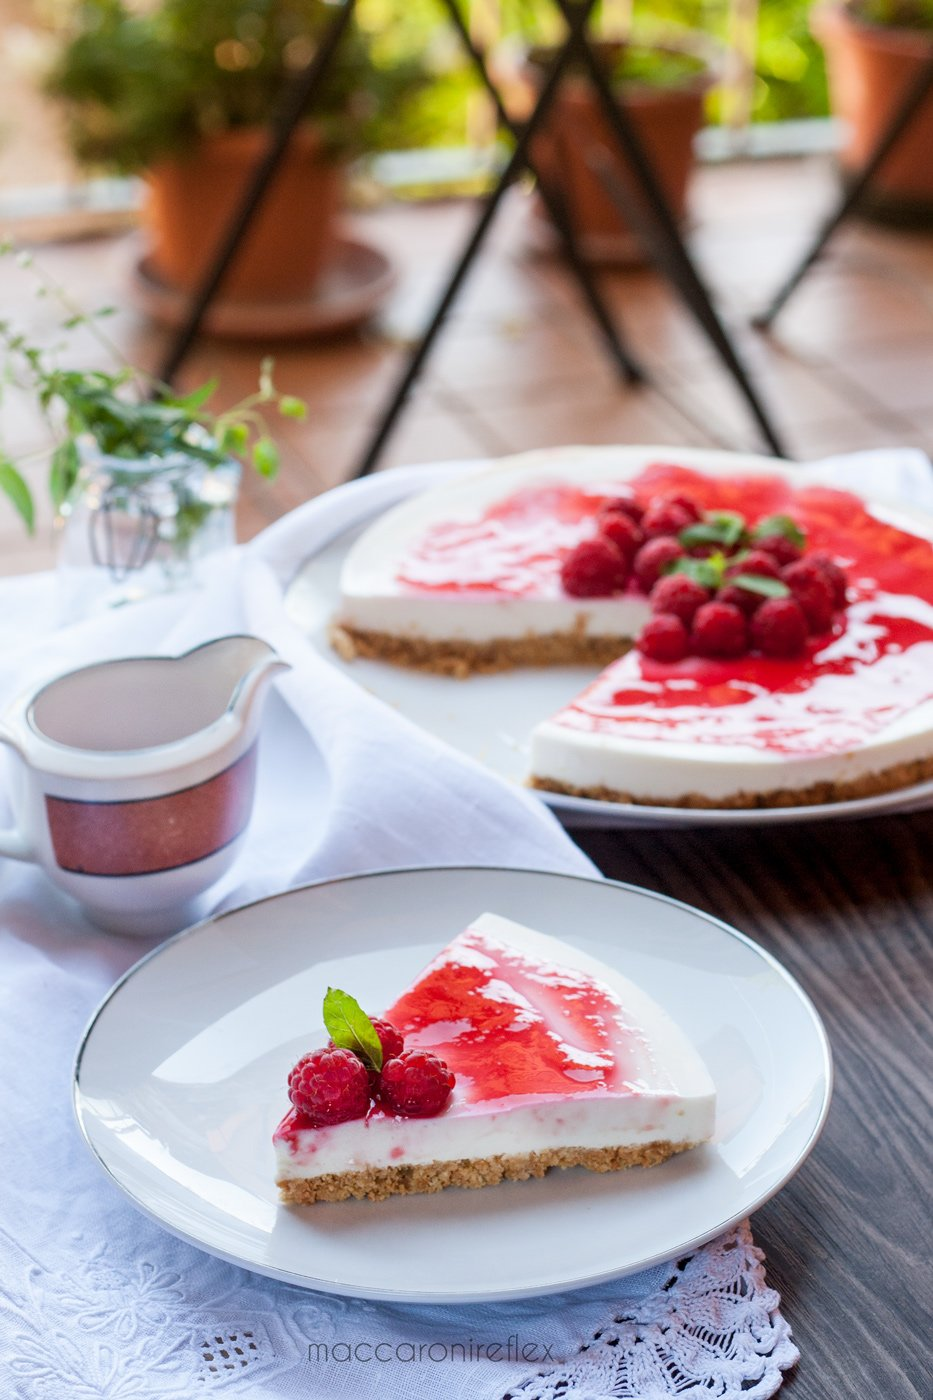 Cheesecake ricotta e yogurt greco con lamponi